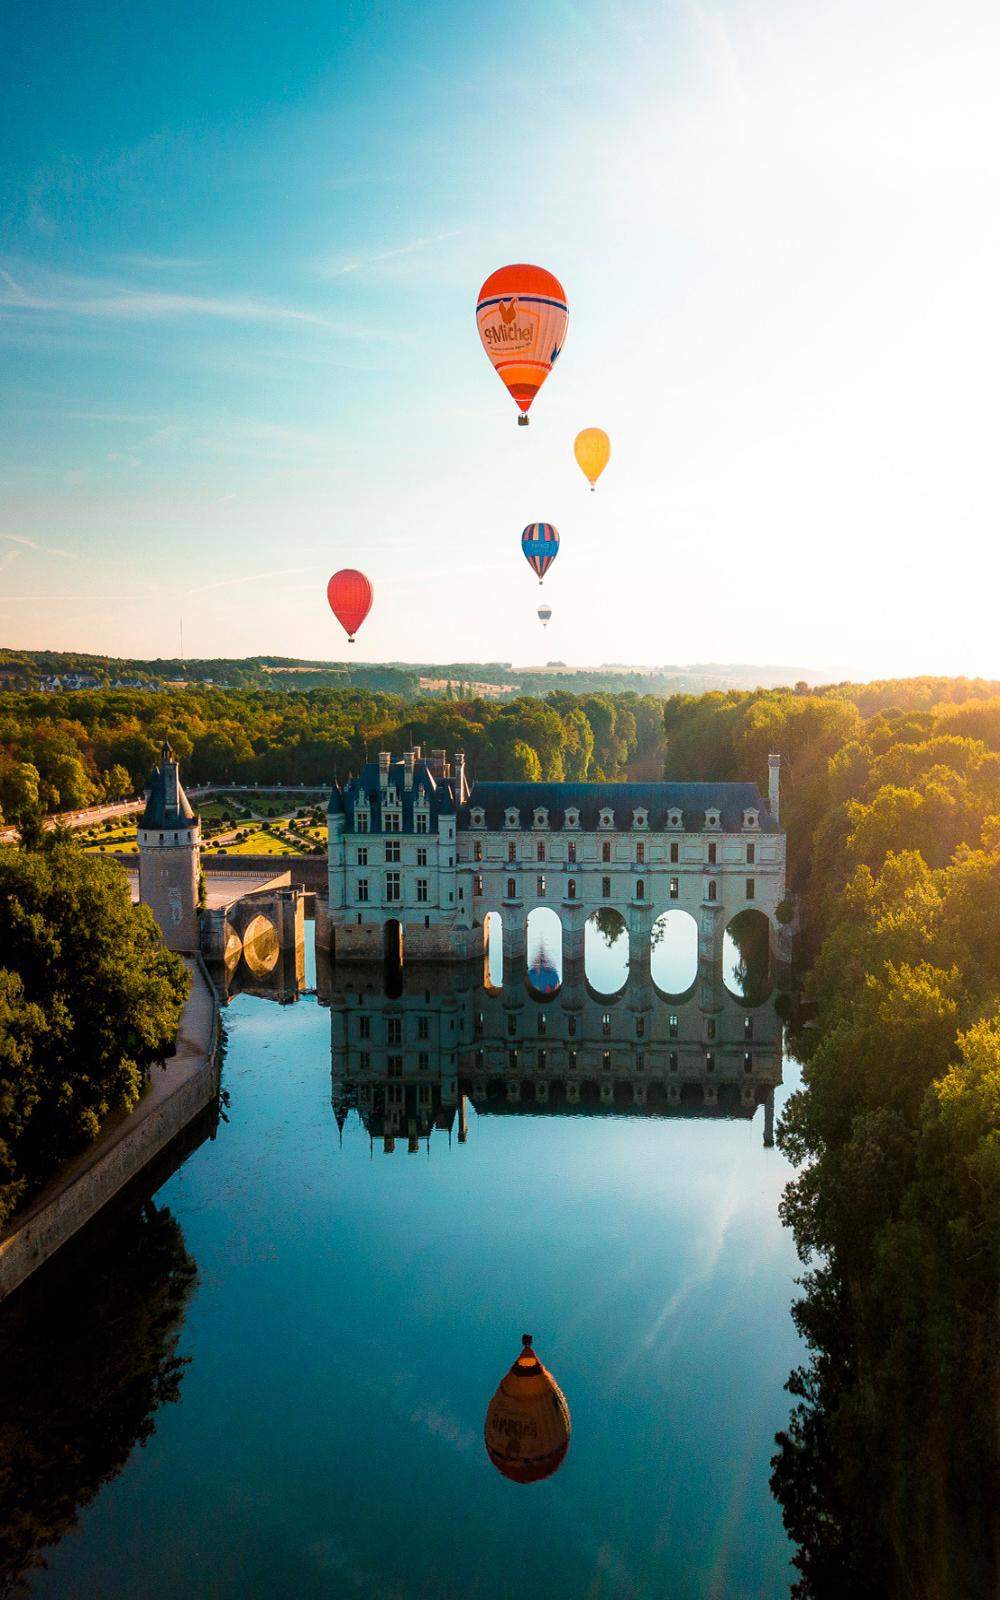 Castillo de Chenonceau, Francia: Imagen destacada del día